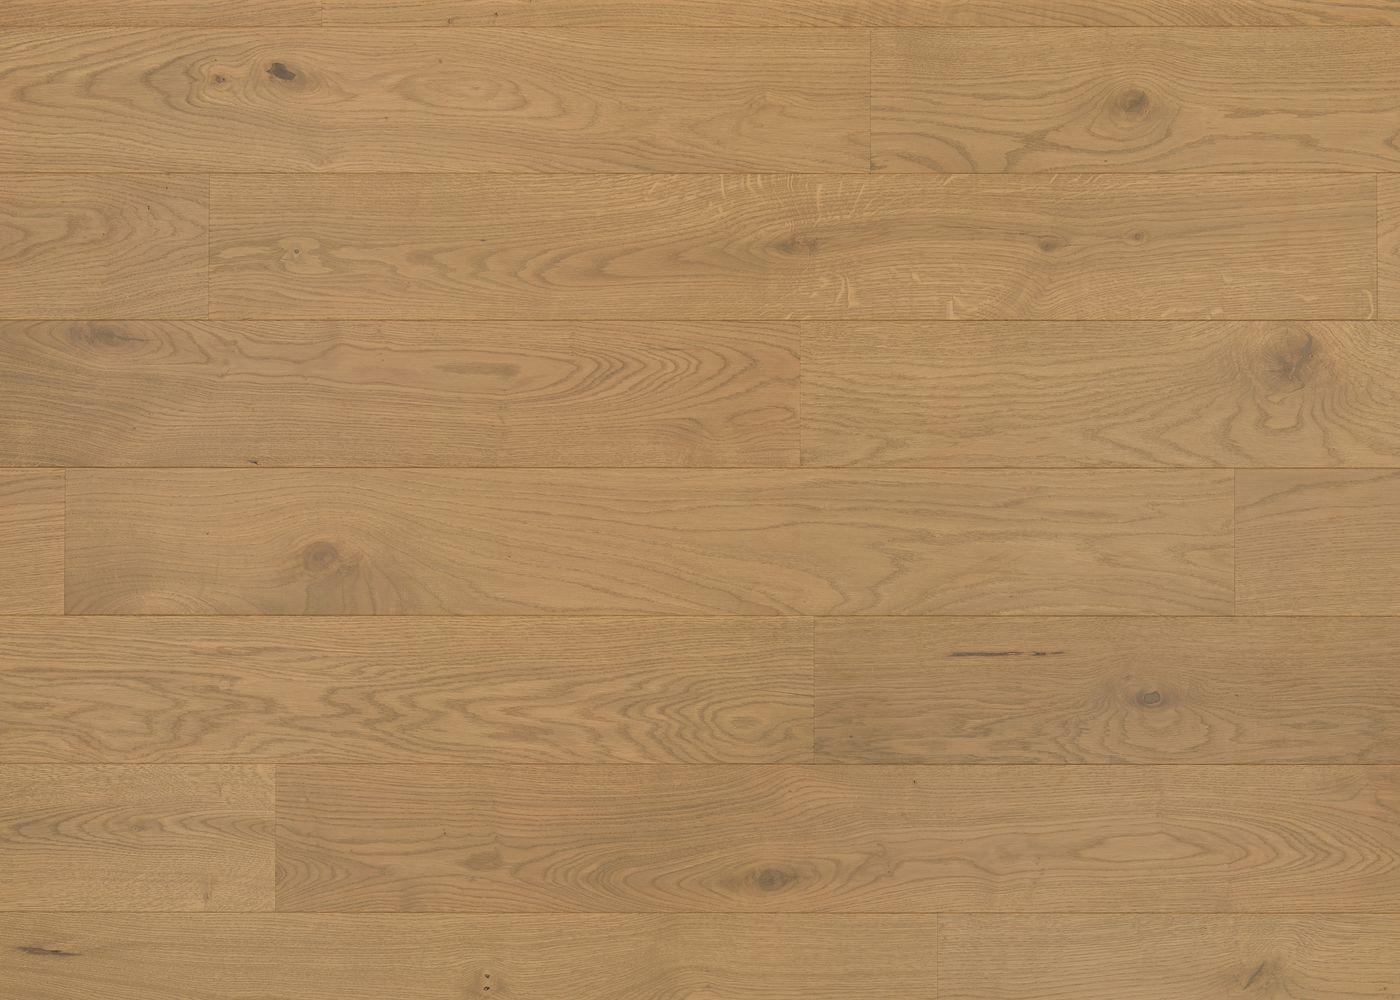 Sol plaqué bois Chêne Vienne brossé vernis extra-mat - Deluxe - Elégance 12x166x1810